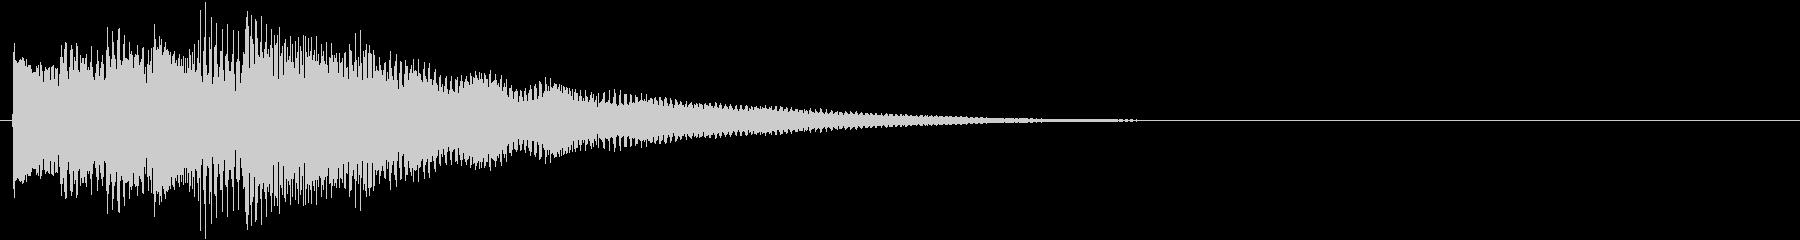 フレーズ系07 文字、スーパー表示(大)の未再生の波形